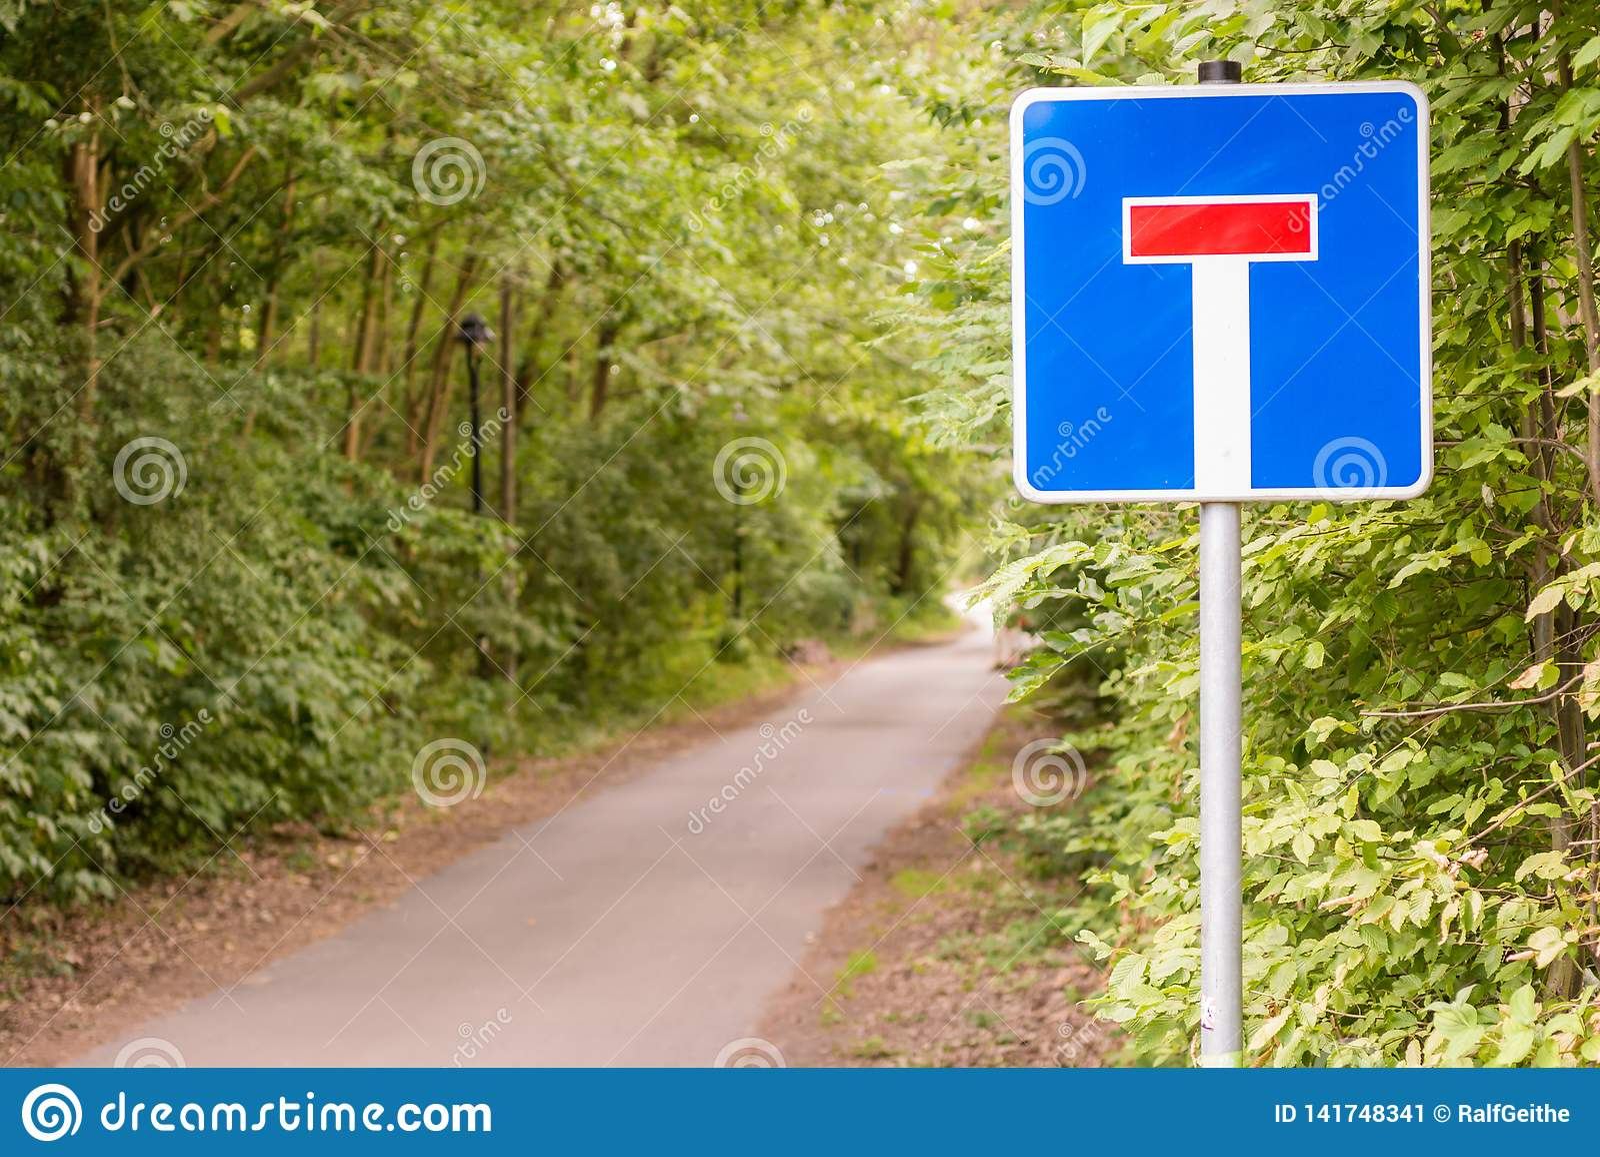 Bosweg met teken als teken voor een impasse